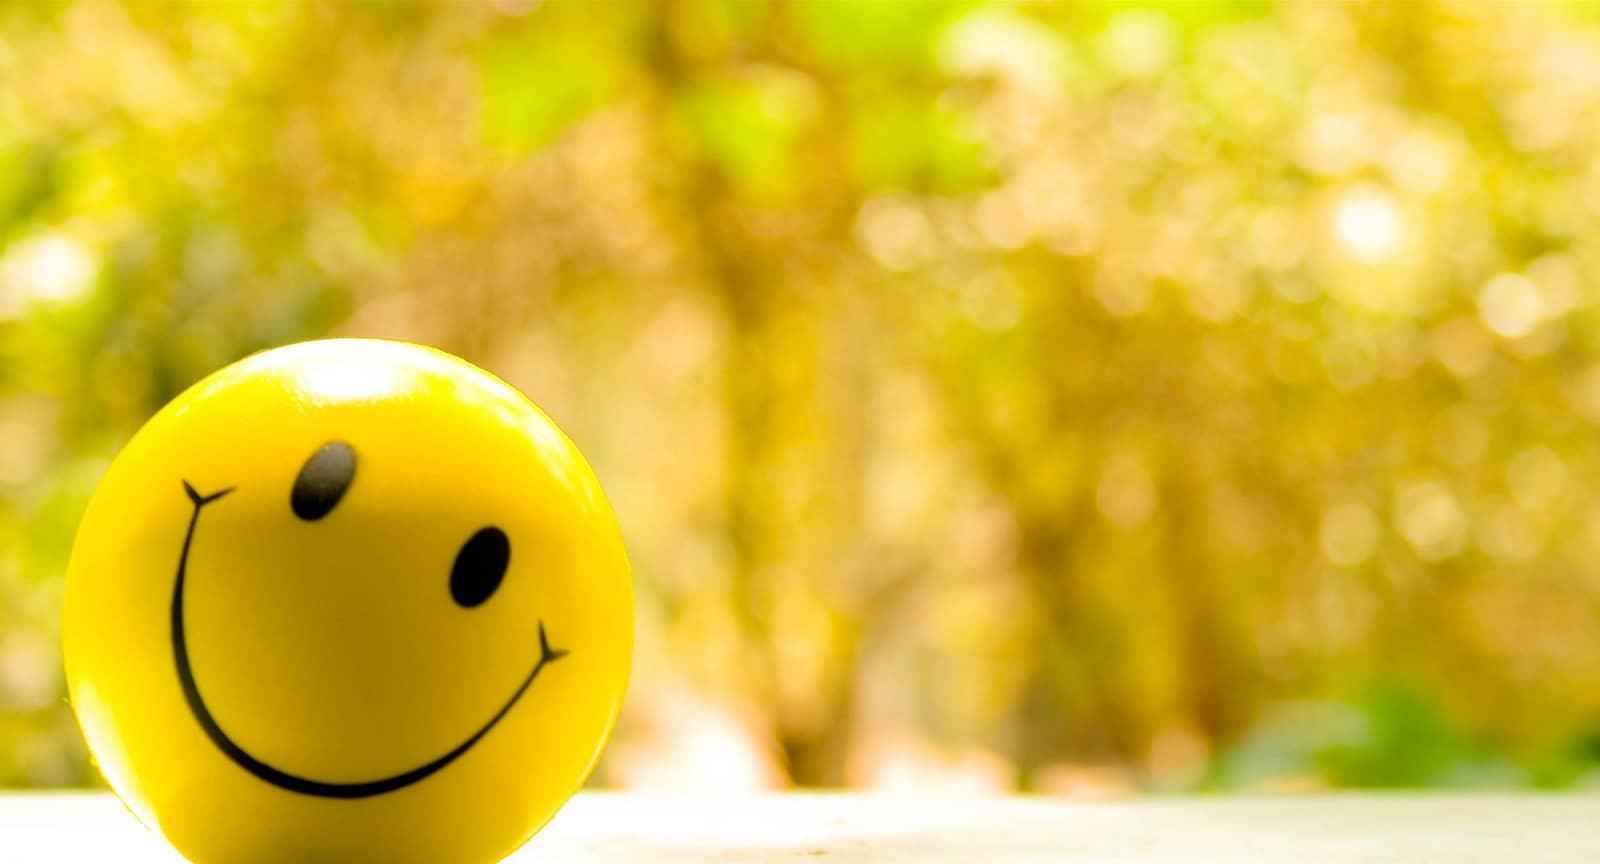 هل السعادة تسبب الارق